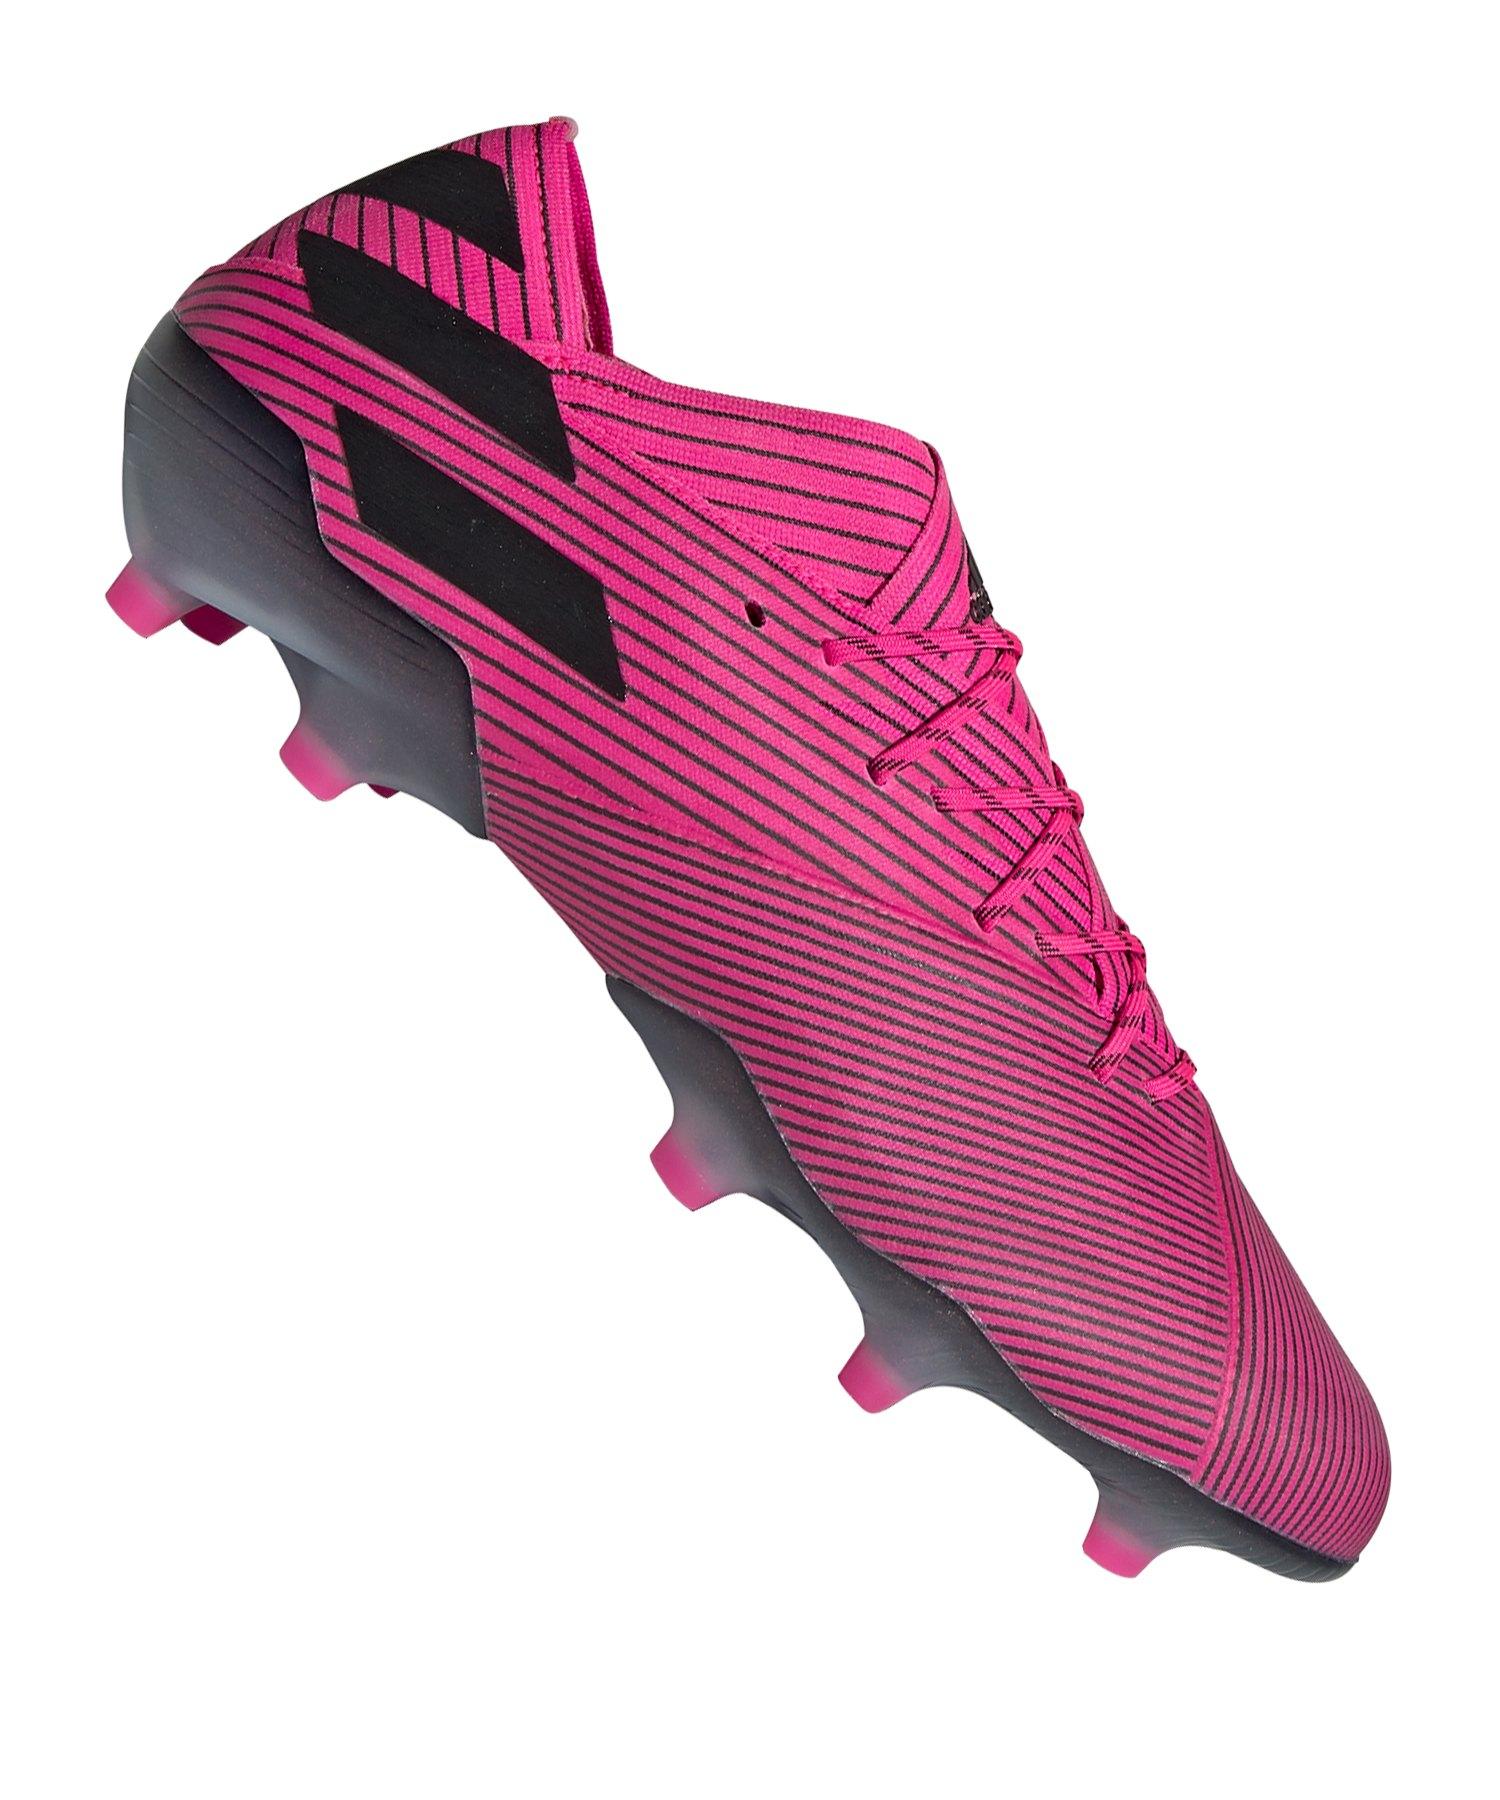 adidas NEMEZIZ 19.1 FG Pink - pink